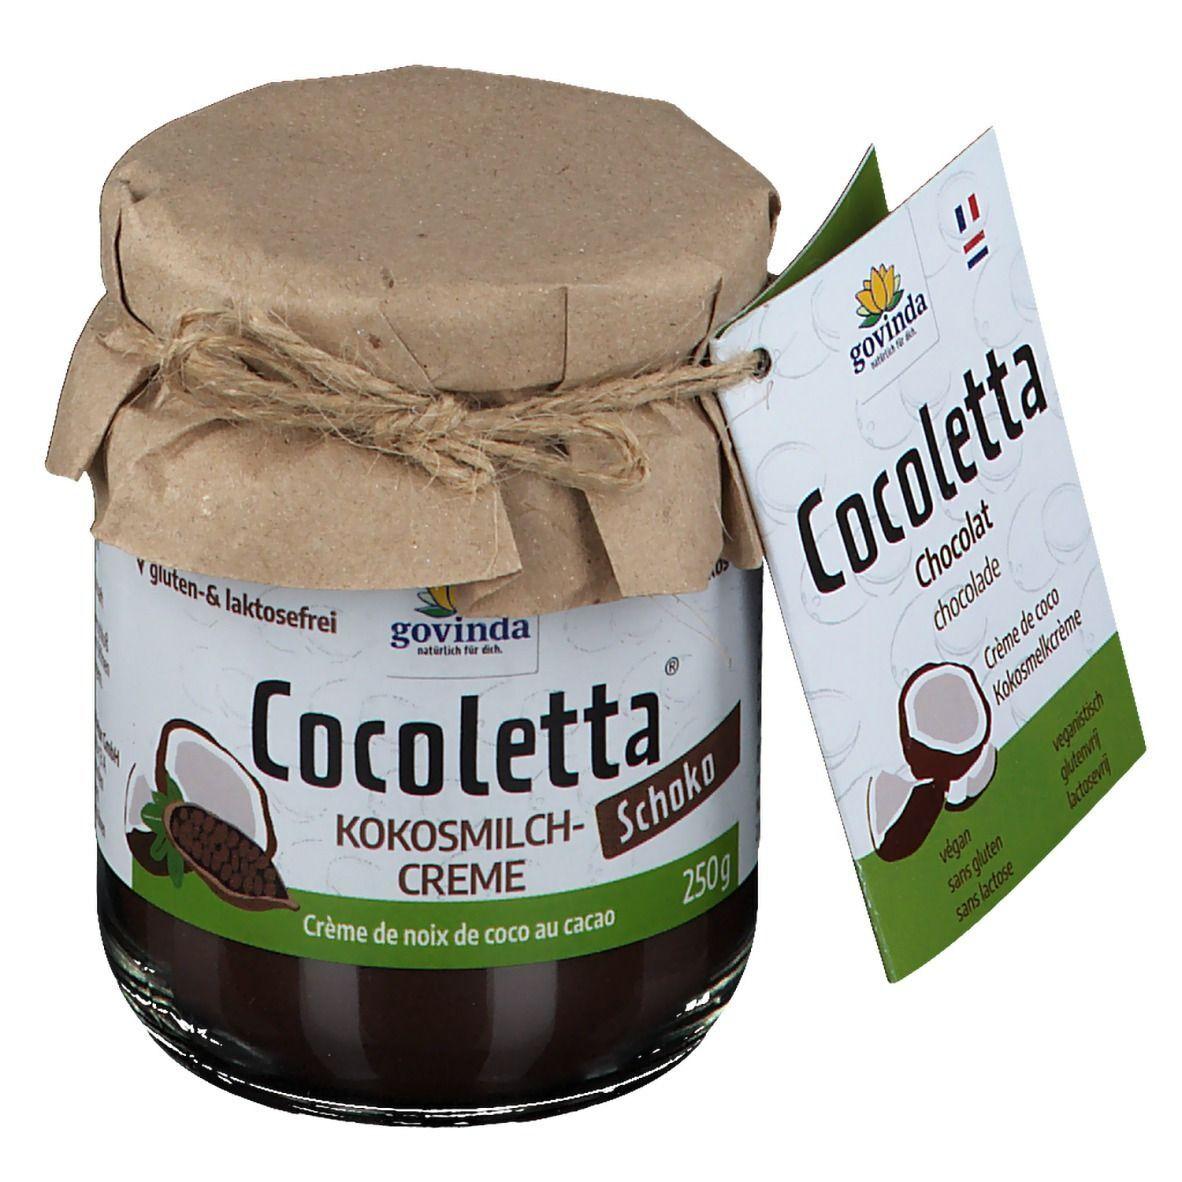 Govinda Cocoletta Crème de lait de coco Bio - chocolat g crème